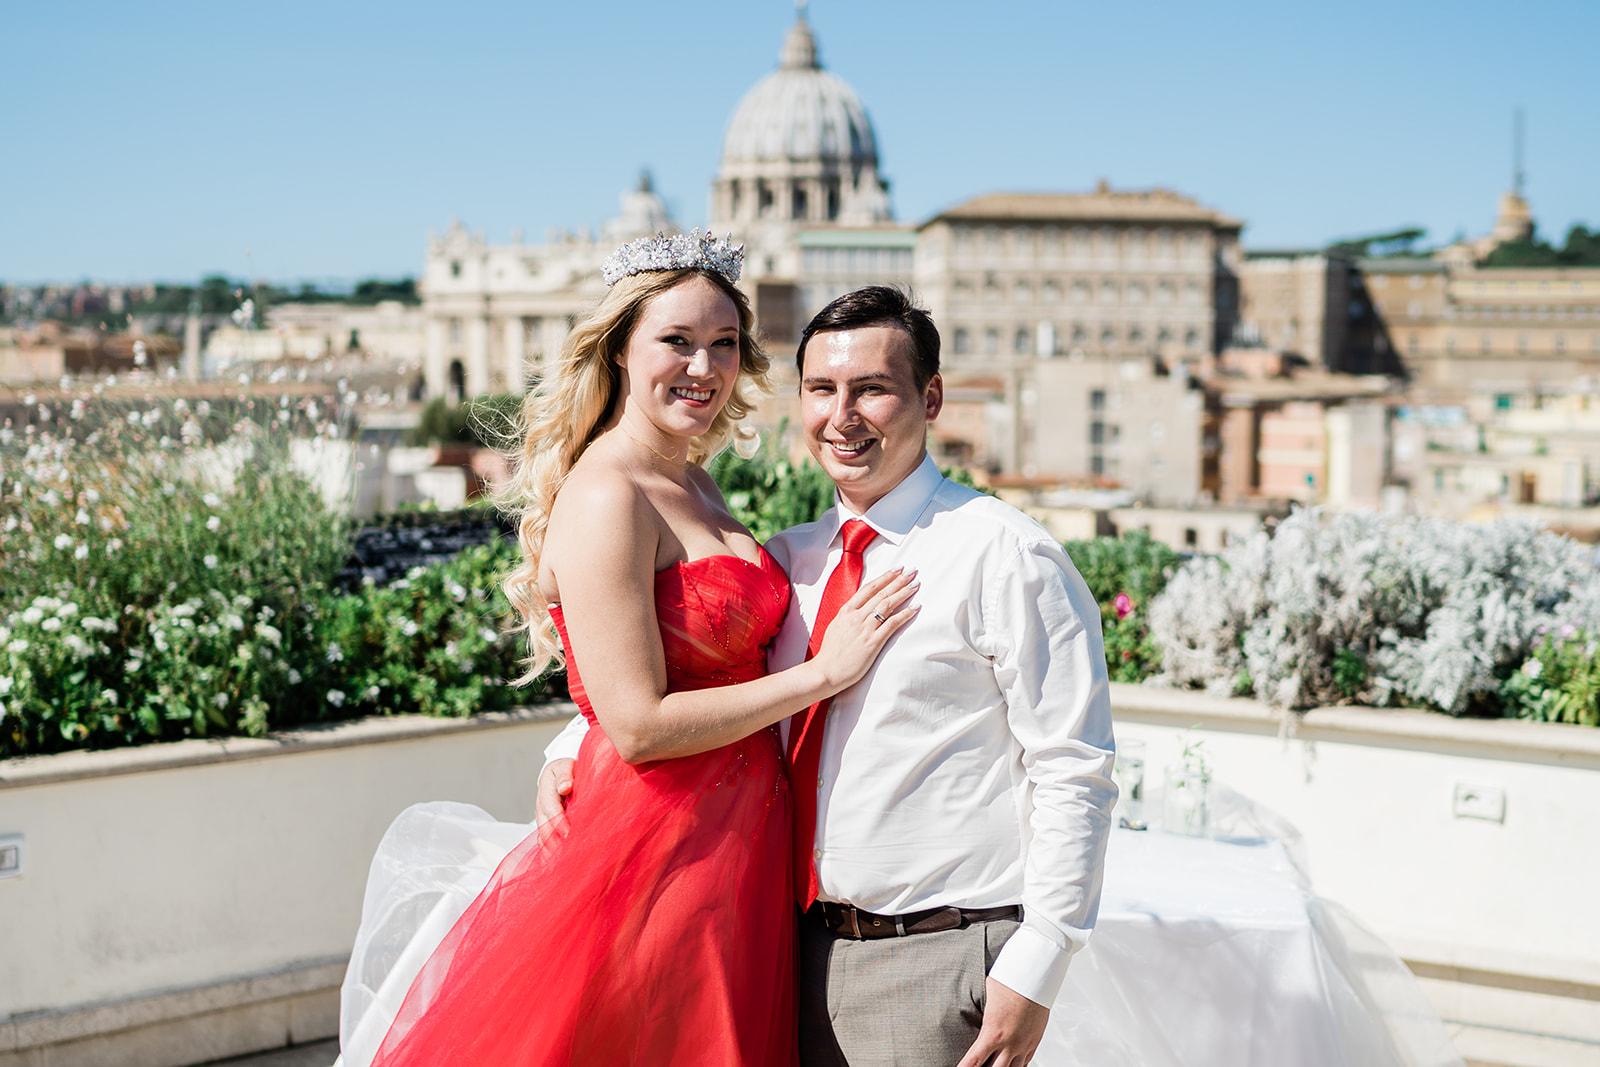 Свадьба Ярославны и Николая. Яркость эмоций и чувств